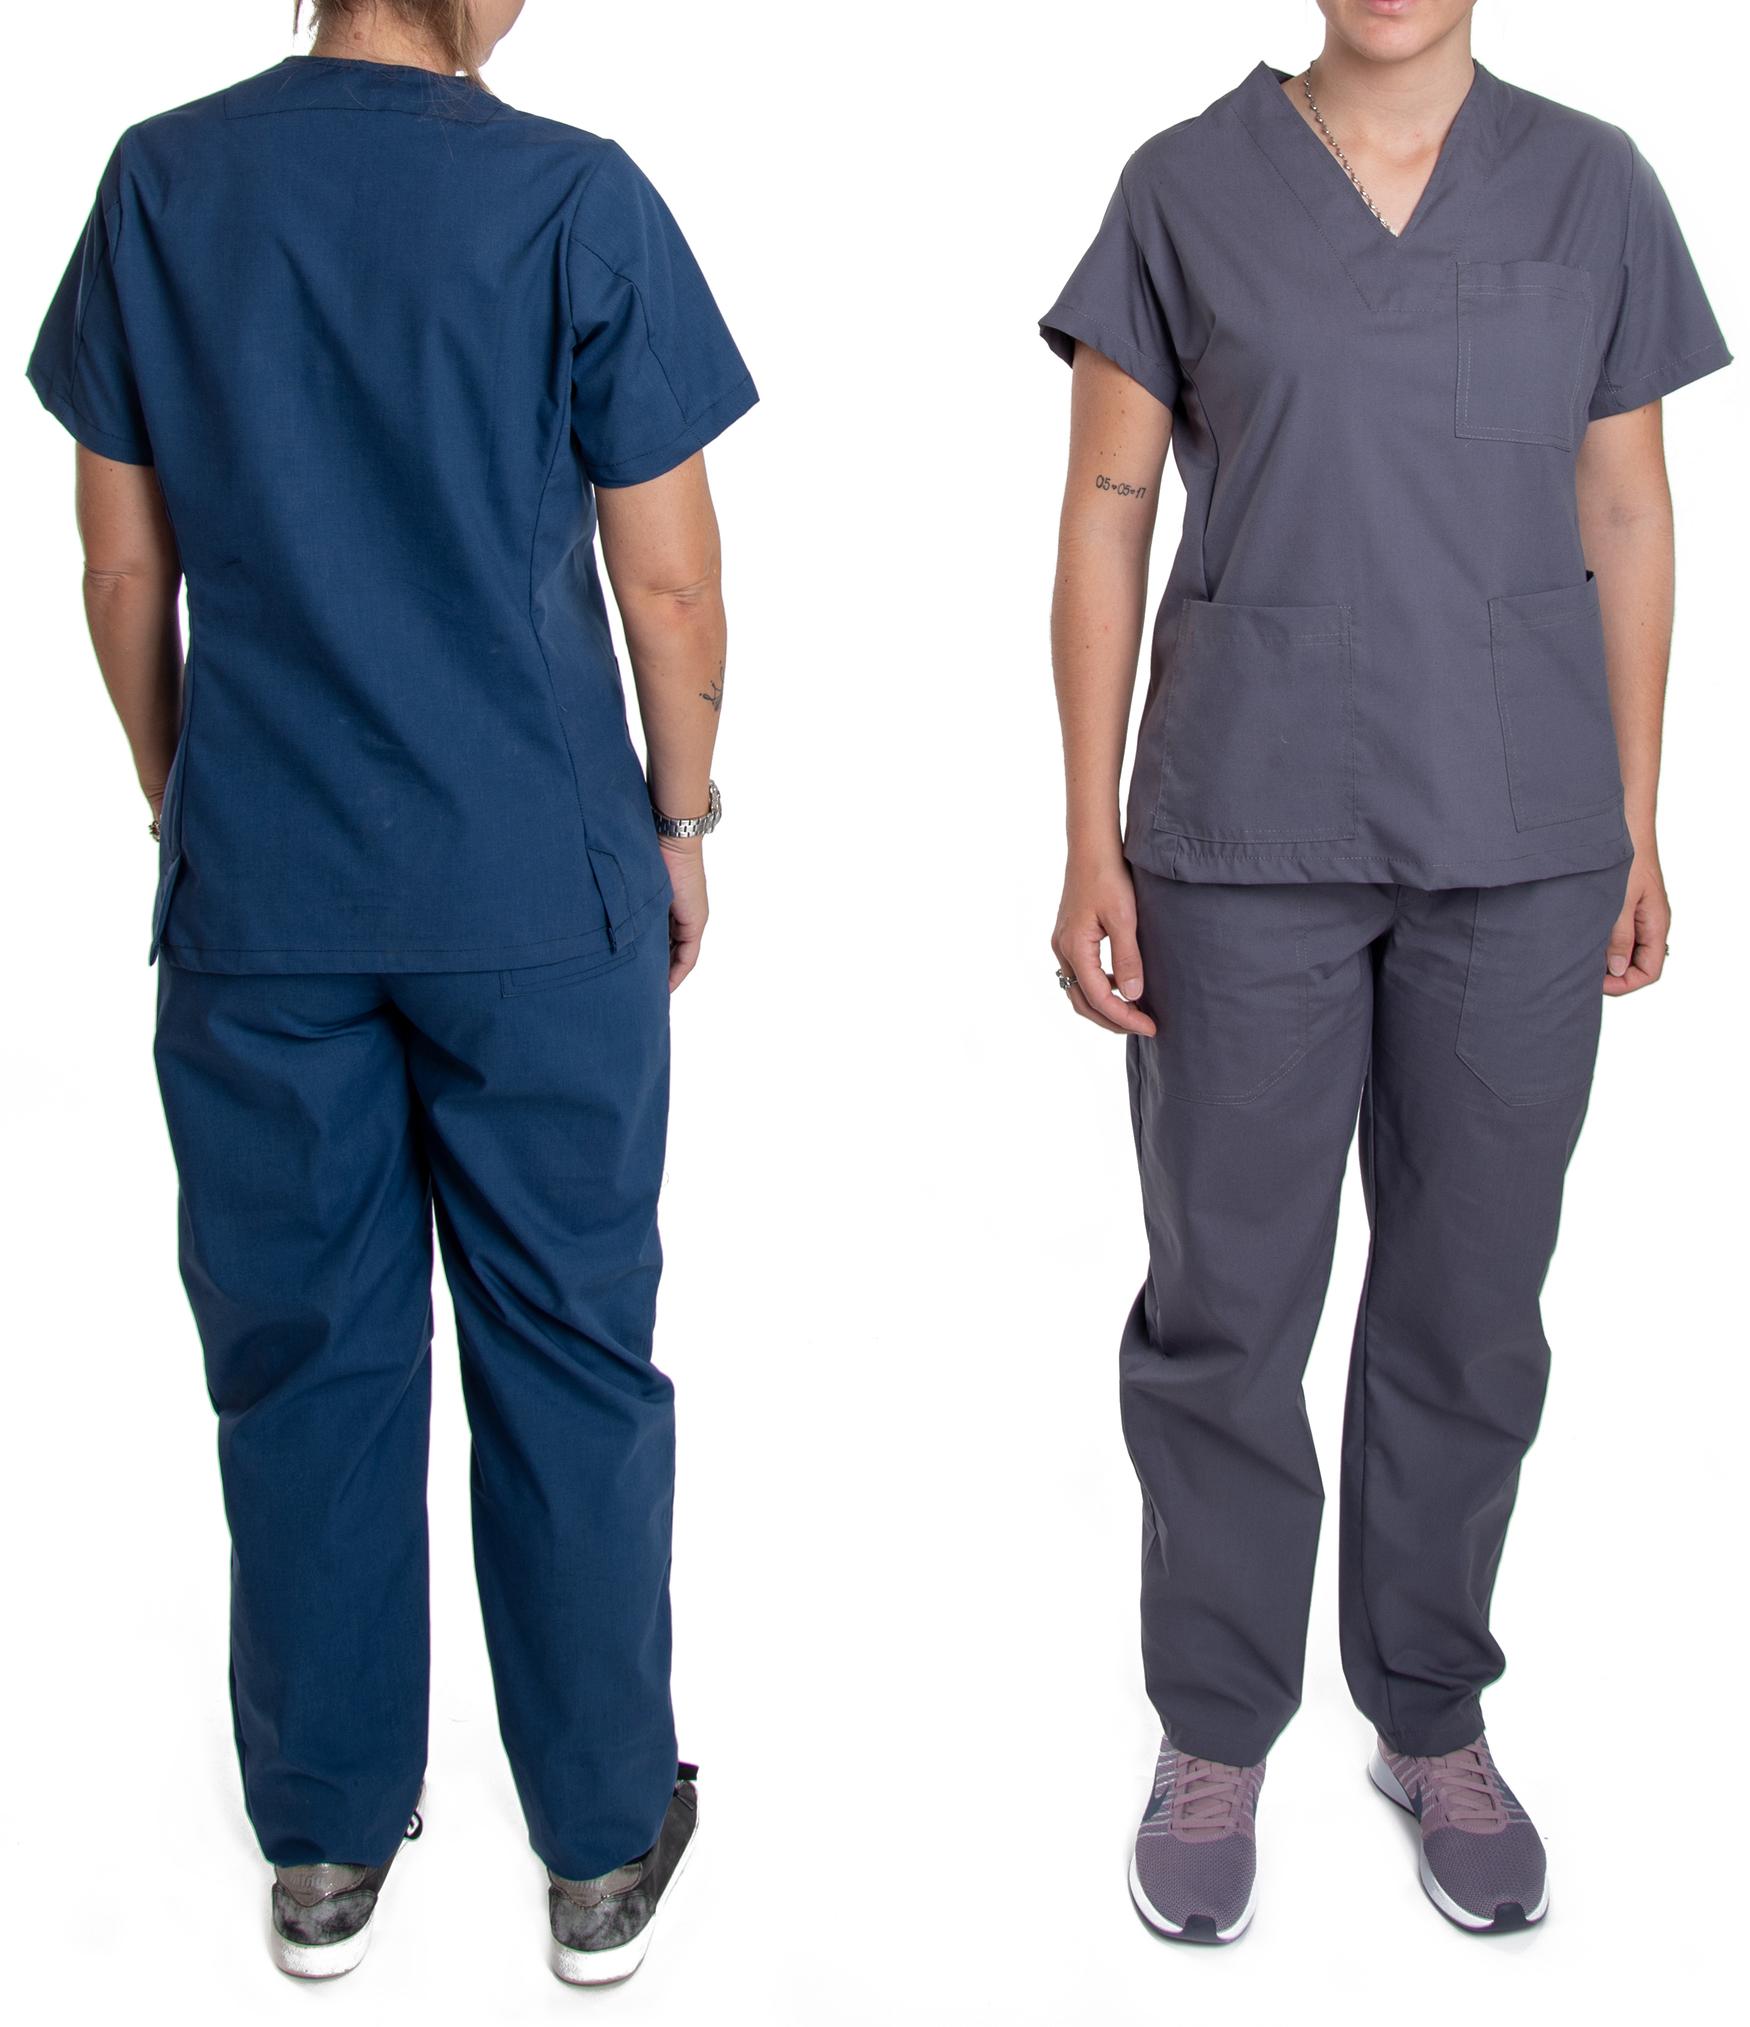 f08944a04 En MC Ropa de trabajo, realizamos prendas de excelente calidad, acordes a  las necesidades del mercado.